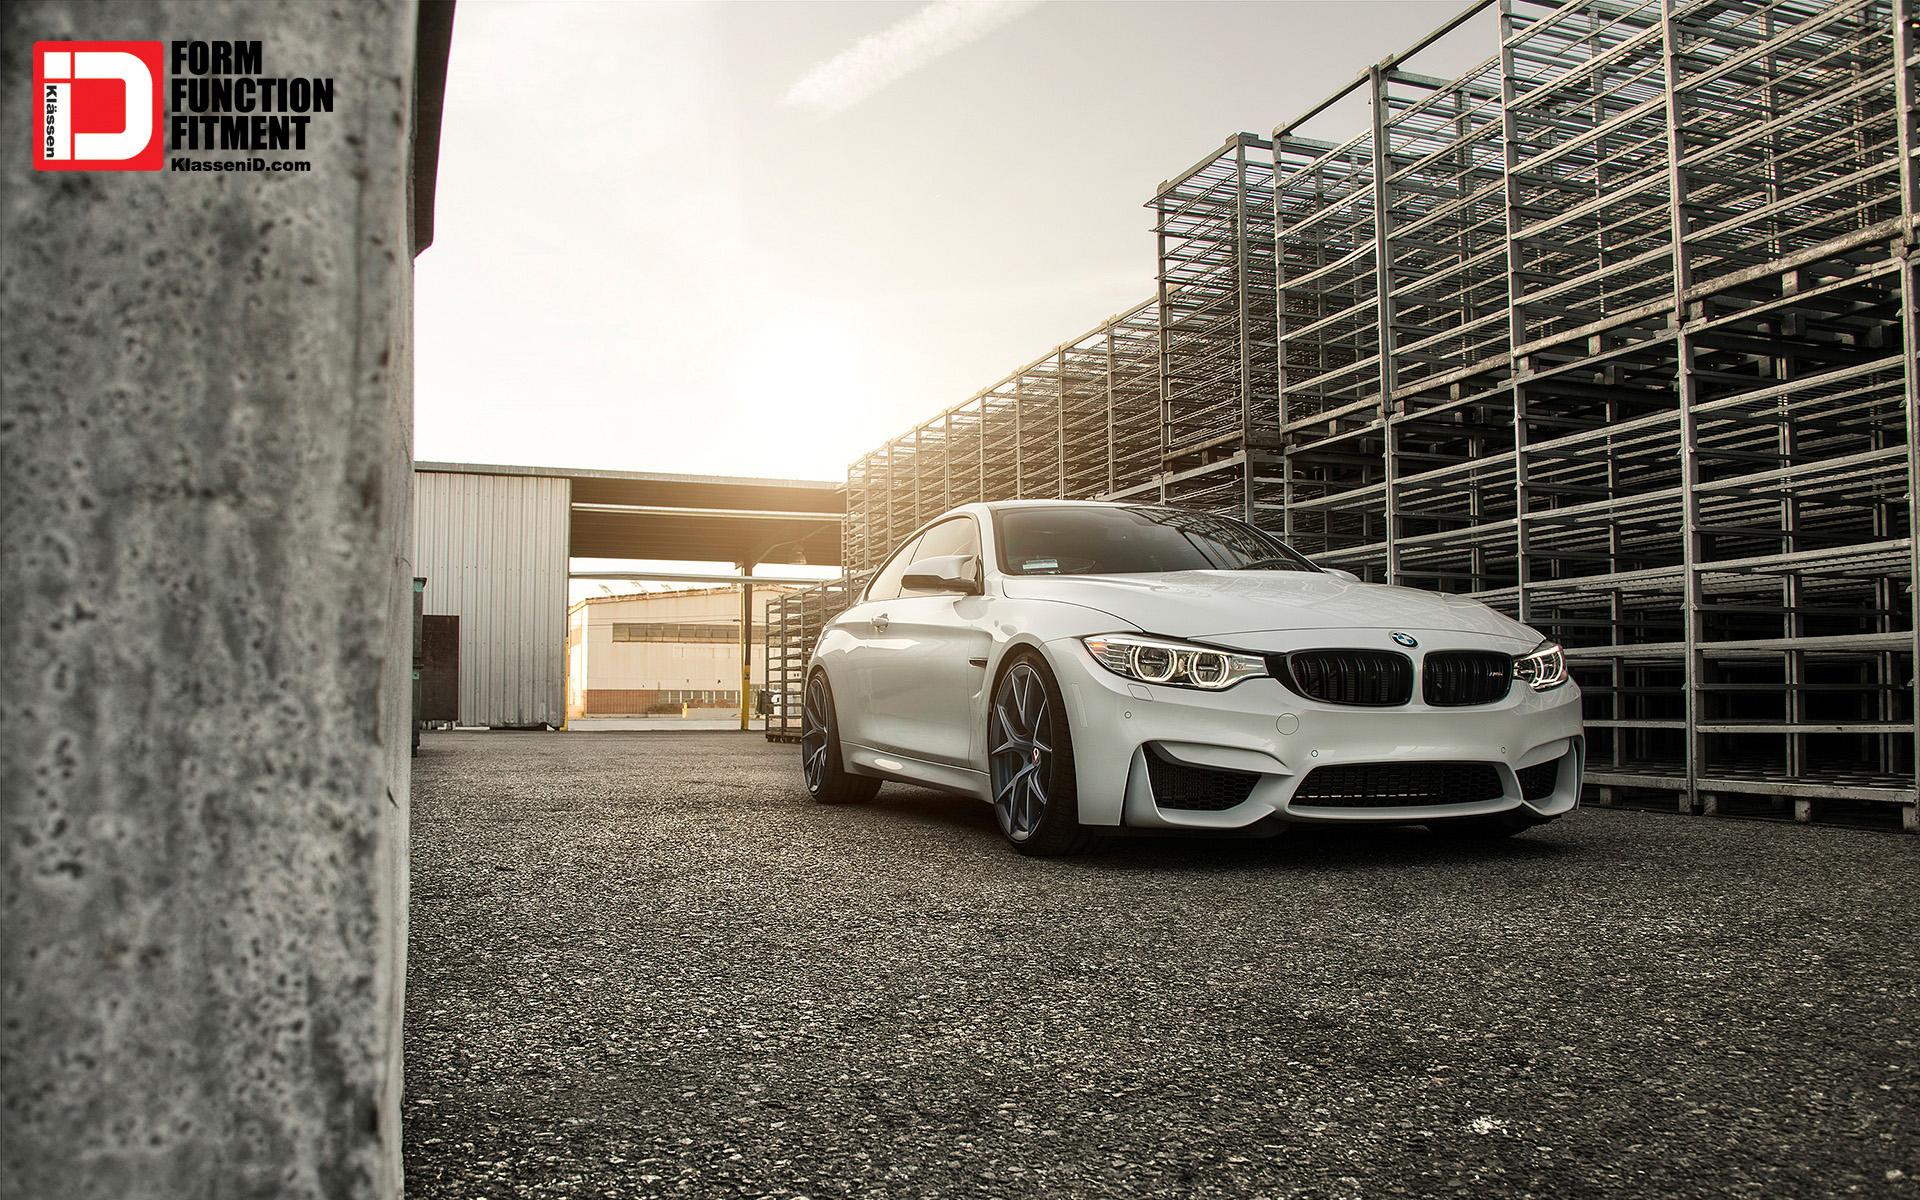 Klassen BMW M Midnight Frost MR Wheels Wallpaper HD Car - 2013 bmw m4